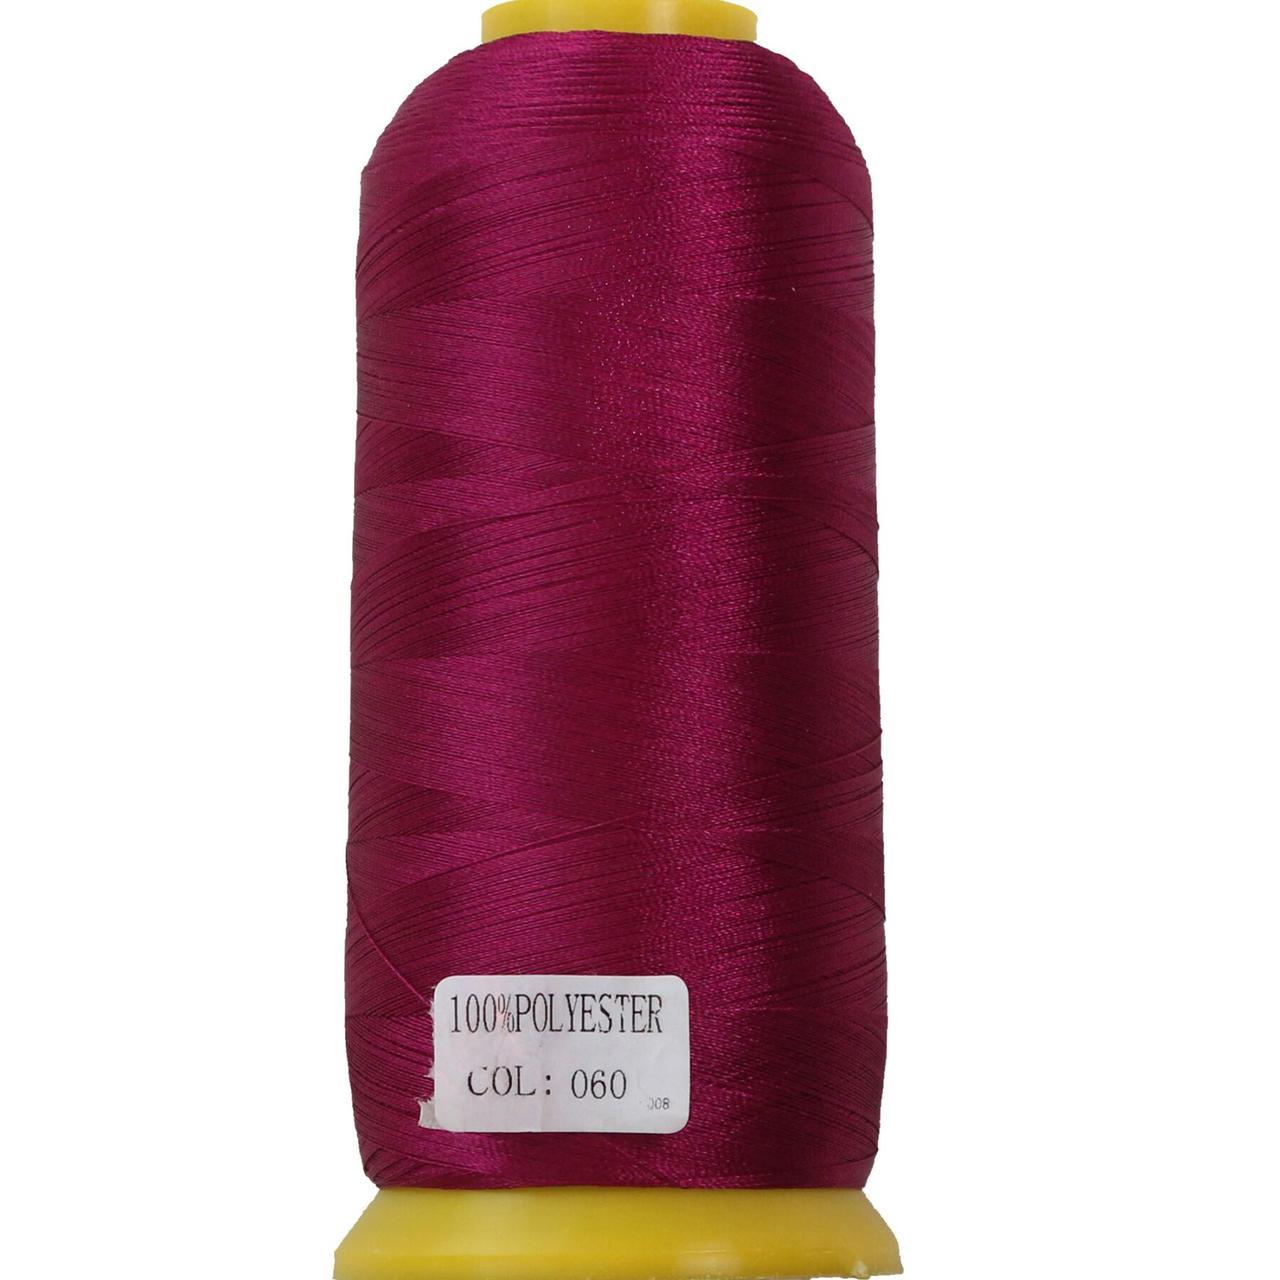 Нить полиэстер 40, 120D/2, цвет 060, Козачок-ТМ